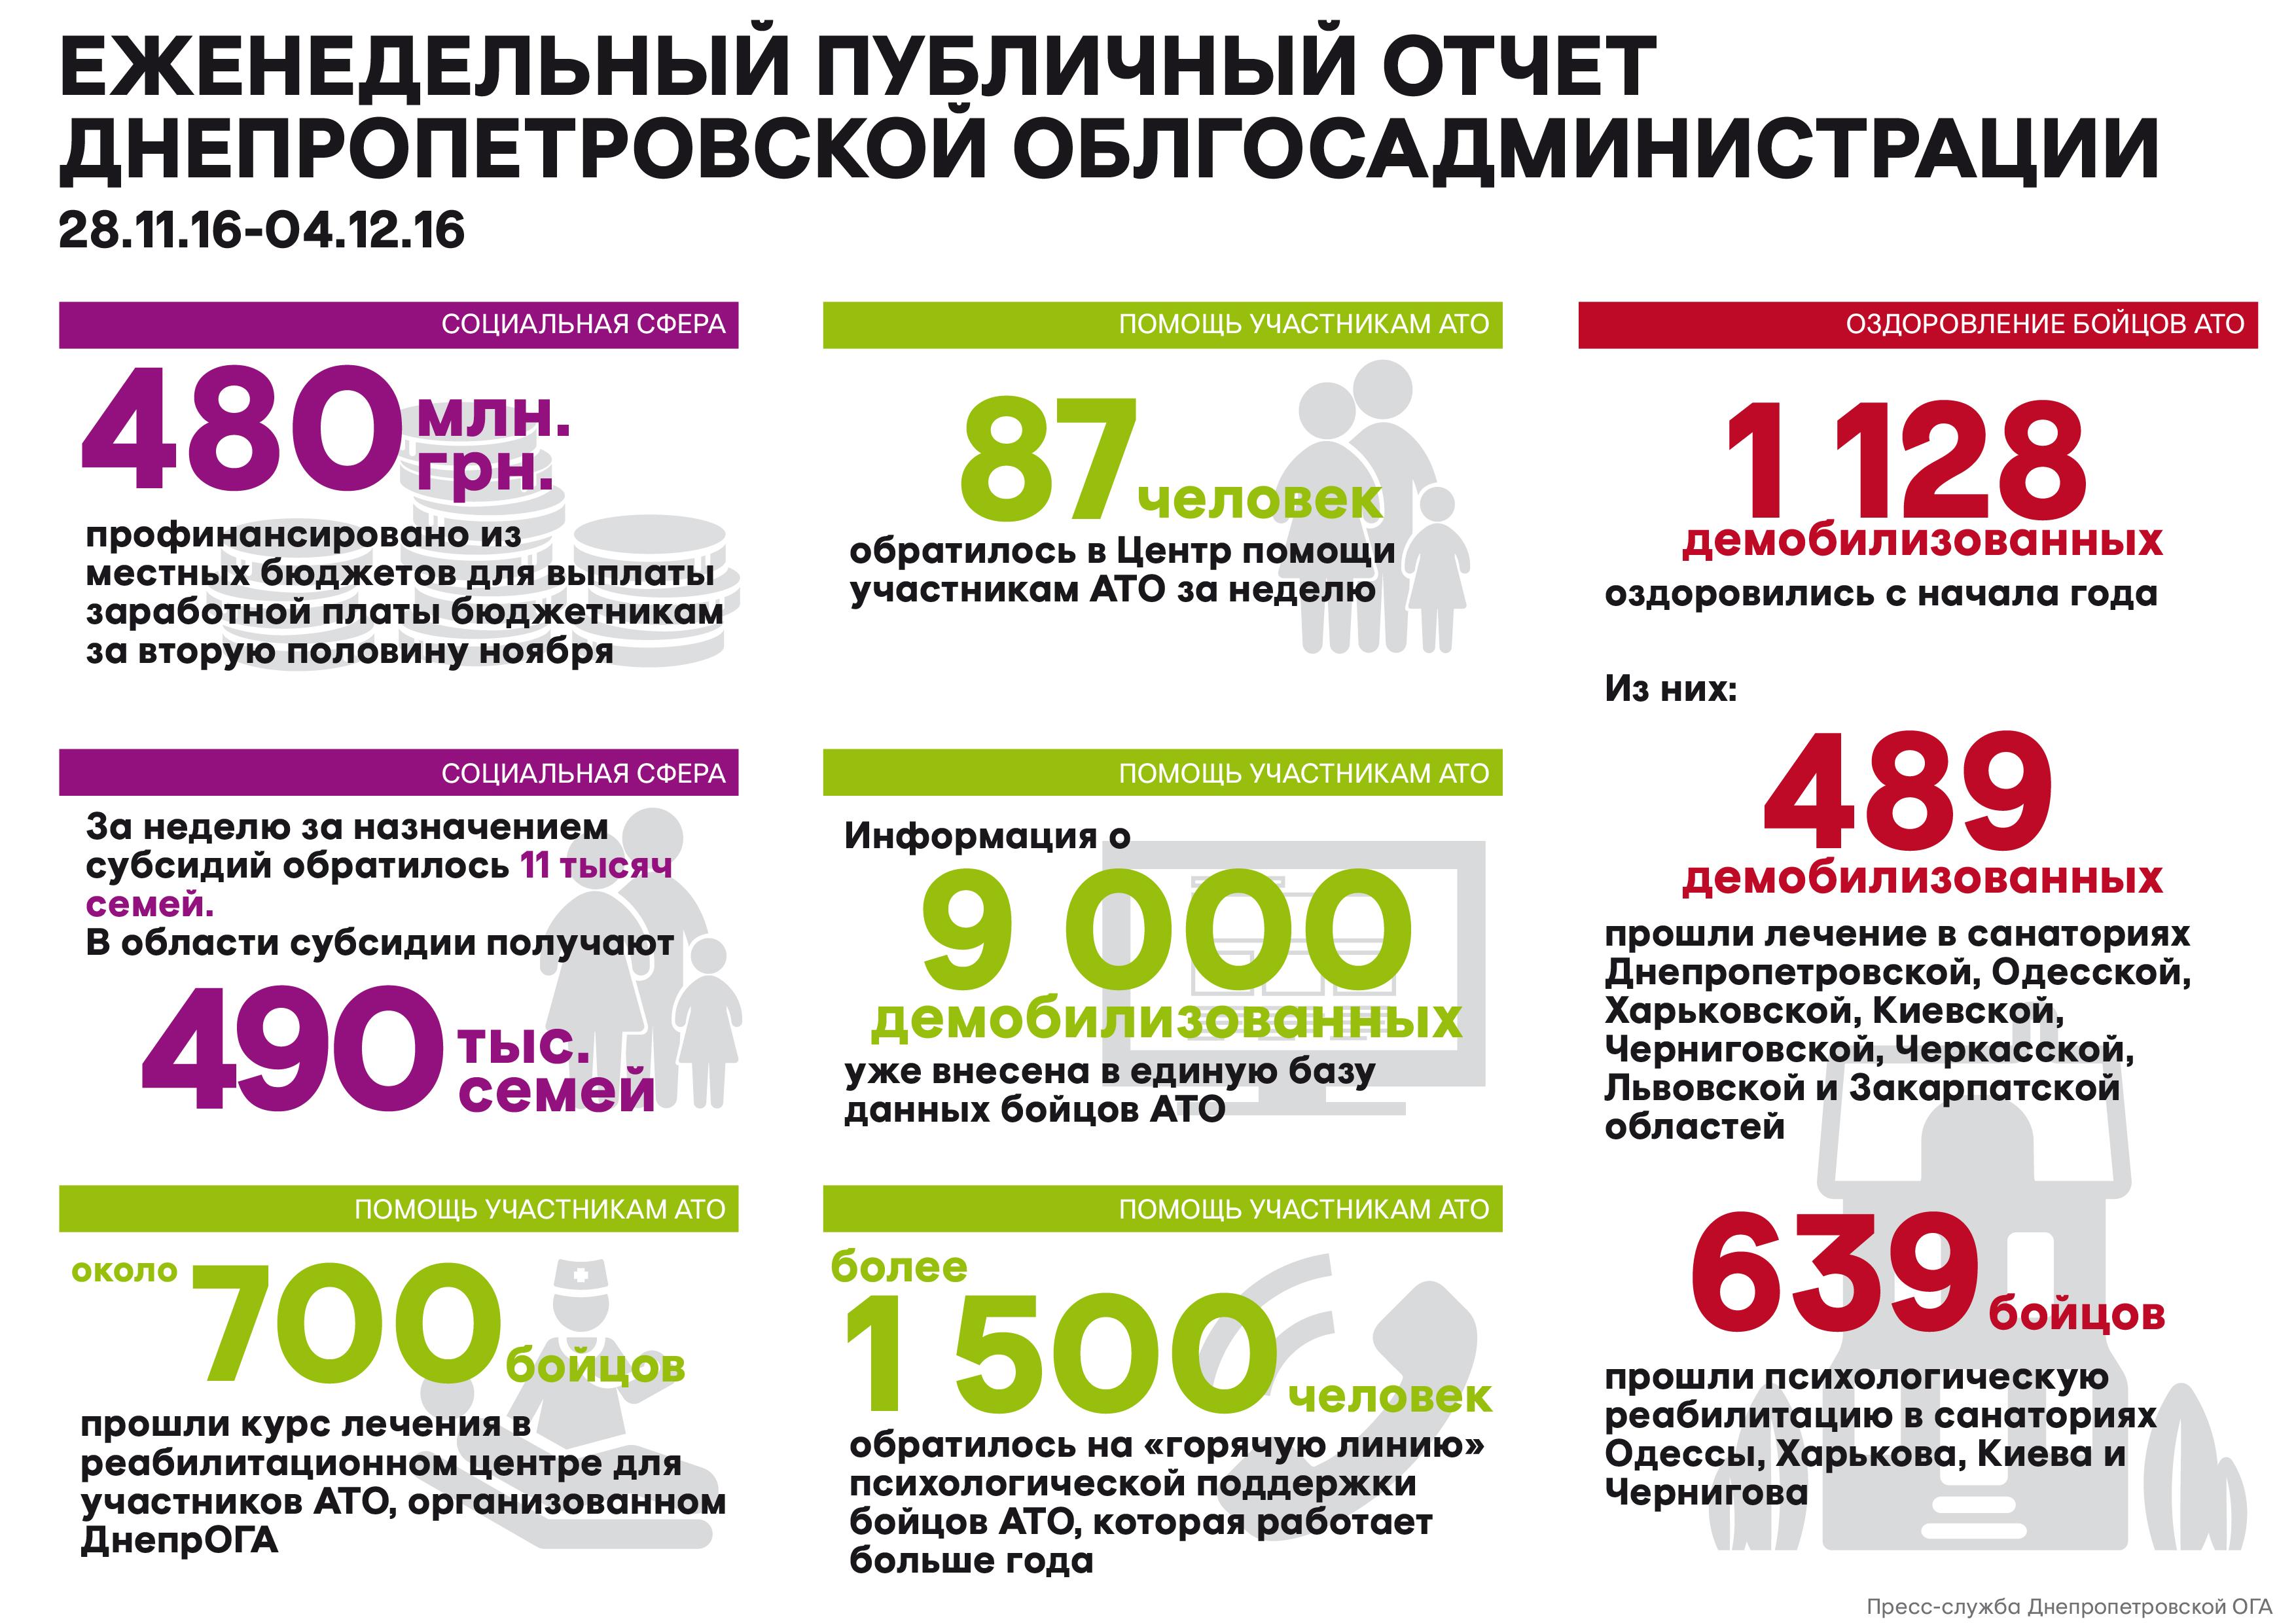 Недельный_отчет_05.12.16_рус_01-01 (1)